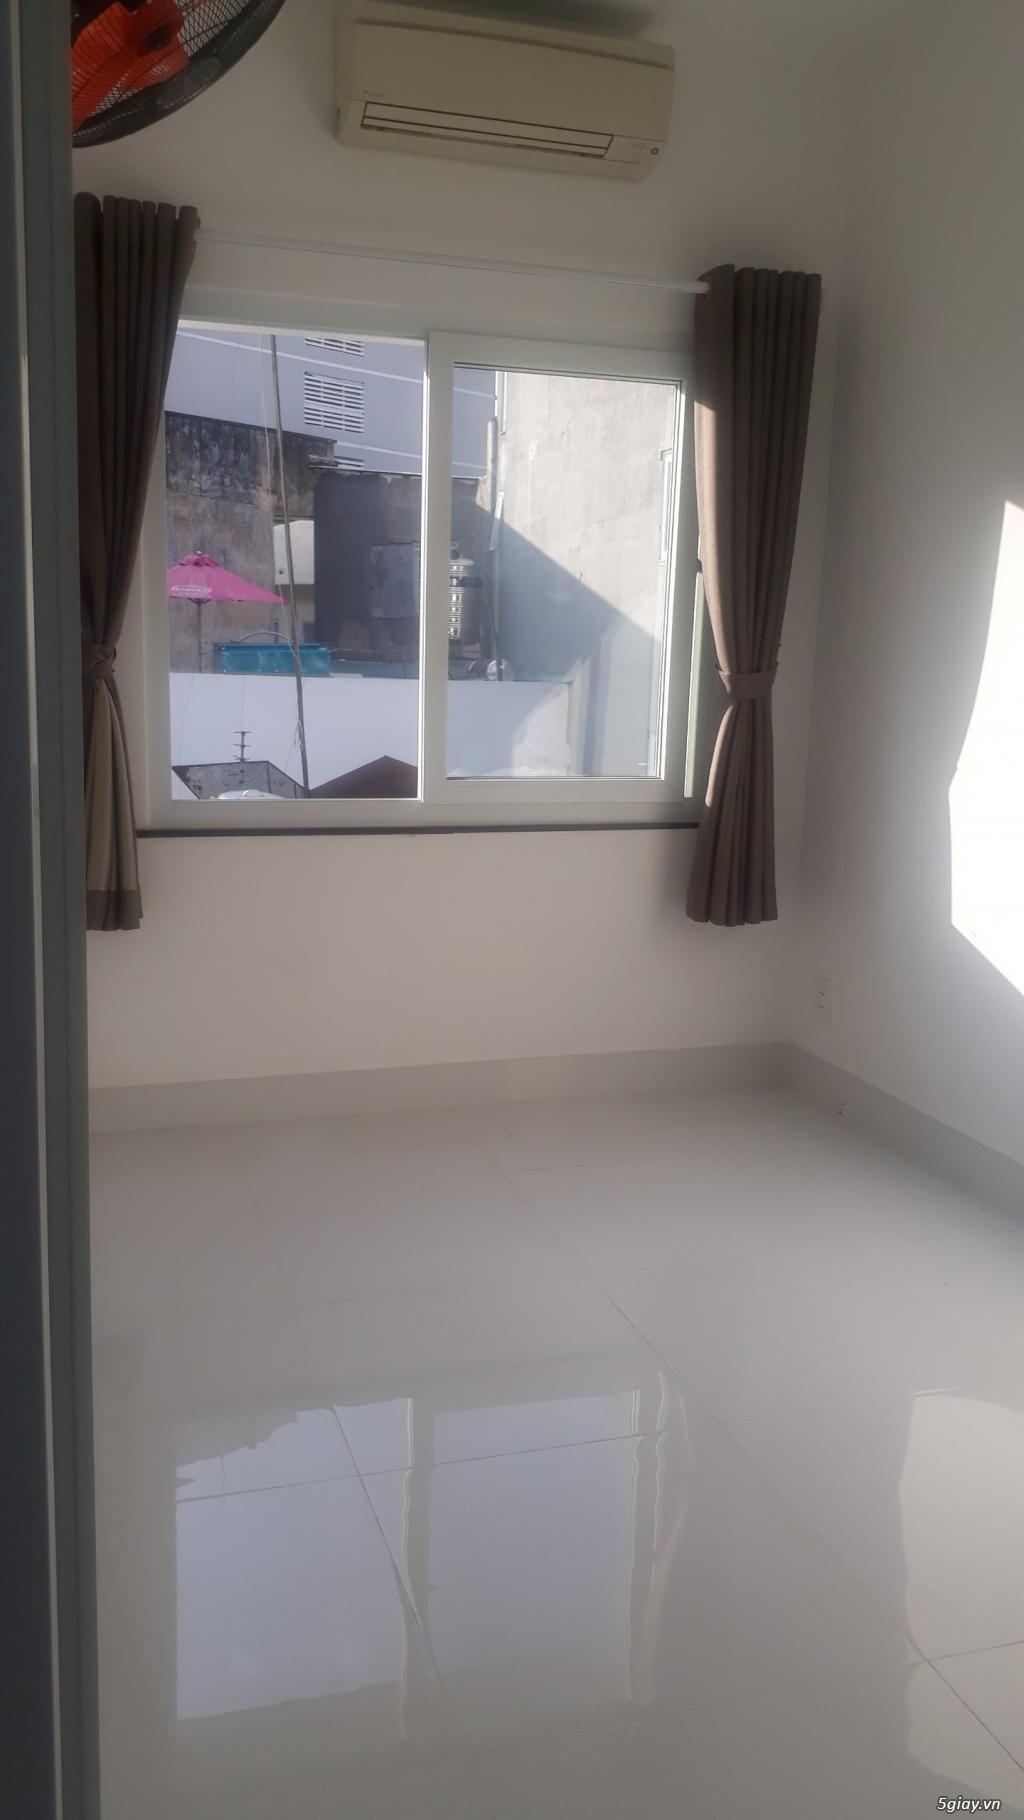 Cần bán: Nhà đẹp khu VIP 79/4 Phan Đăng Lưu, 110m2 chỉ 4,7 tỷTL - 5